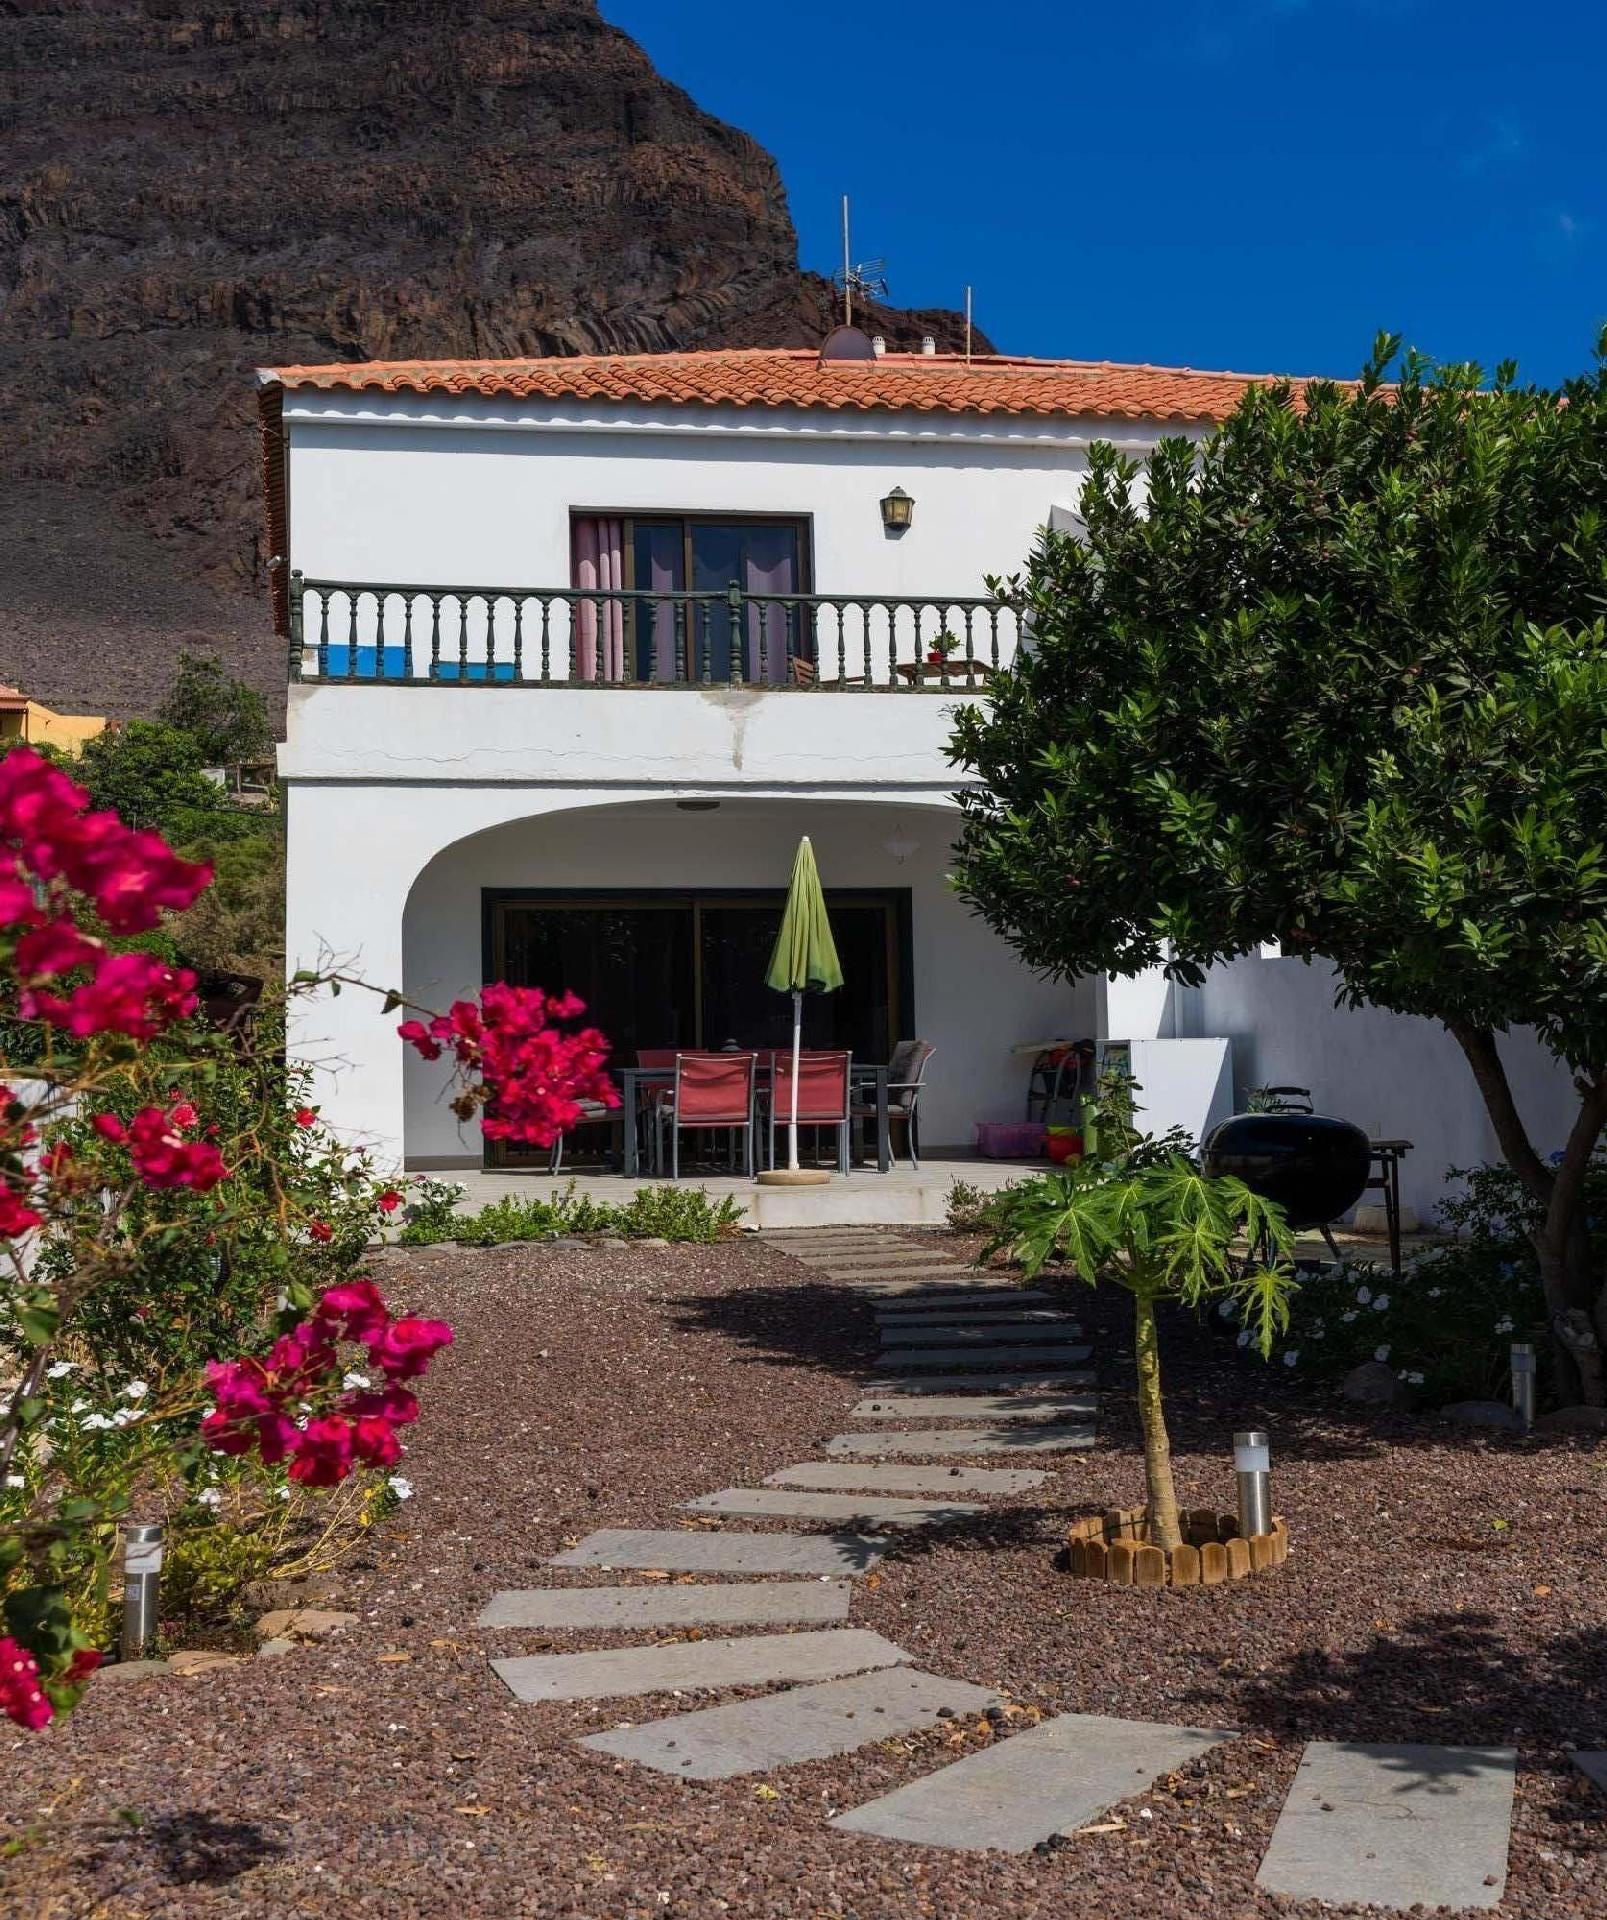 Ferienwohnung für 4 Personen  + 2 Kinder ca.  Bauernhof in Spanien